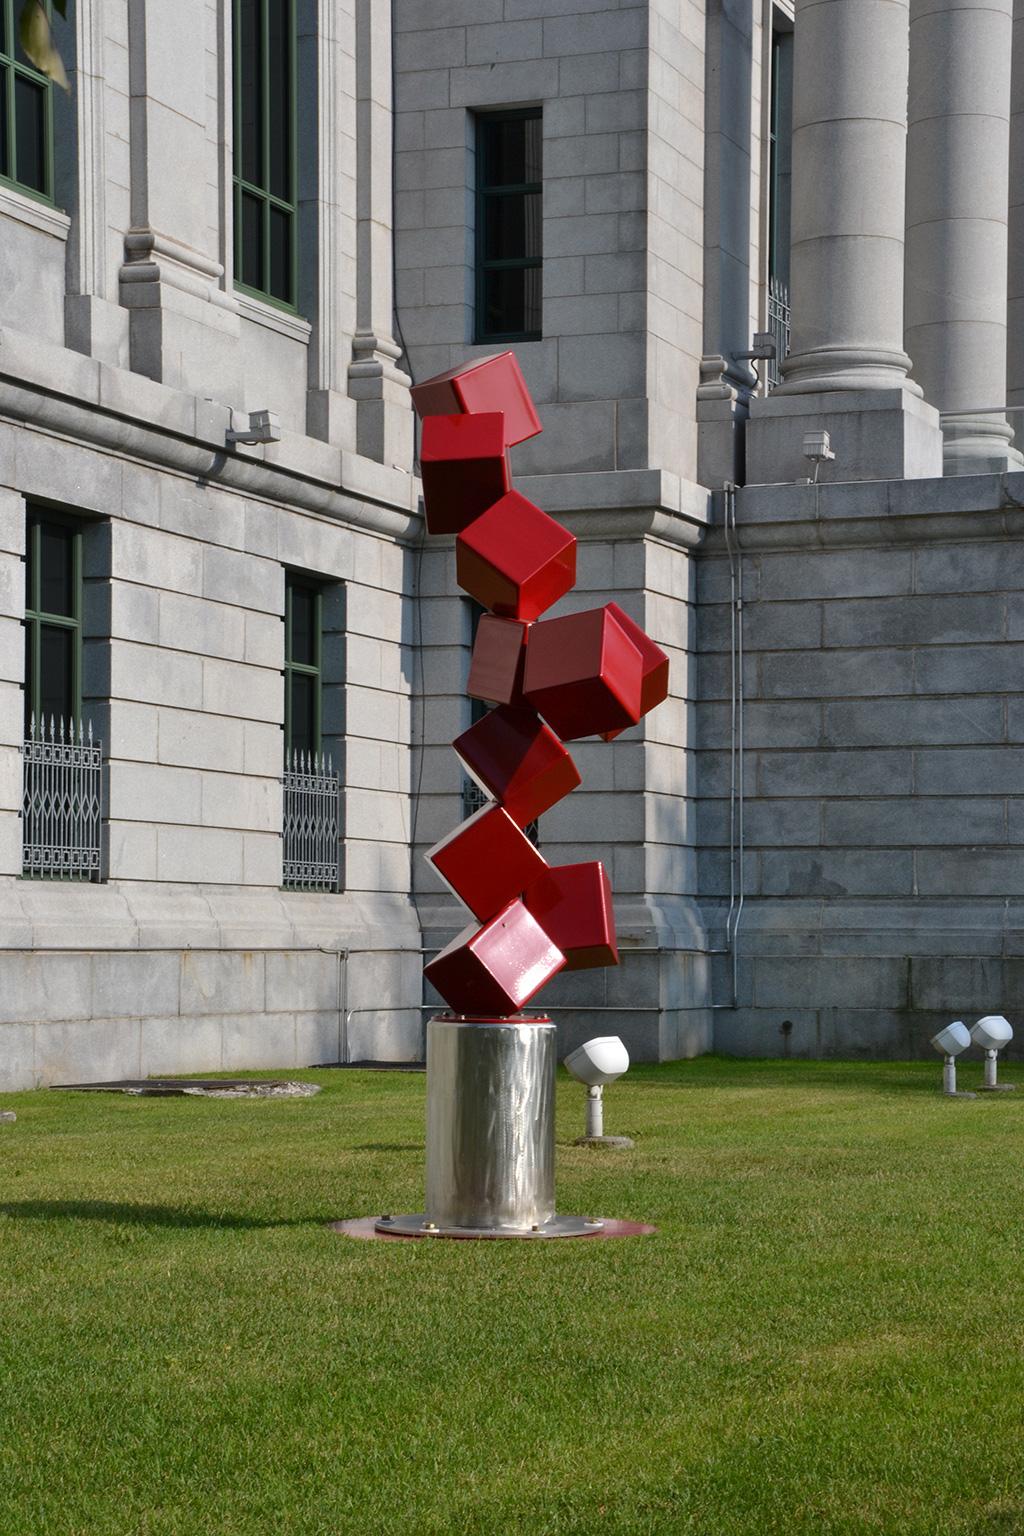 10 pieds cube rouges à la seconde